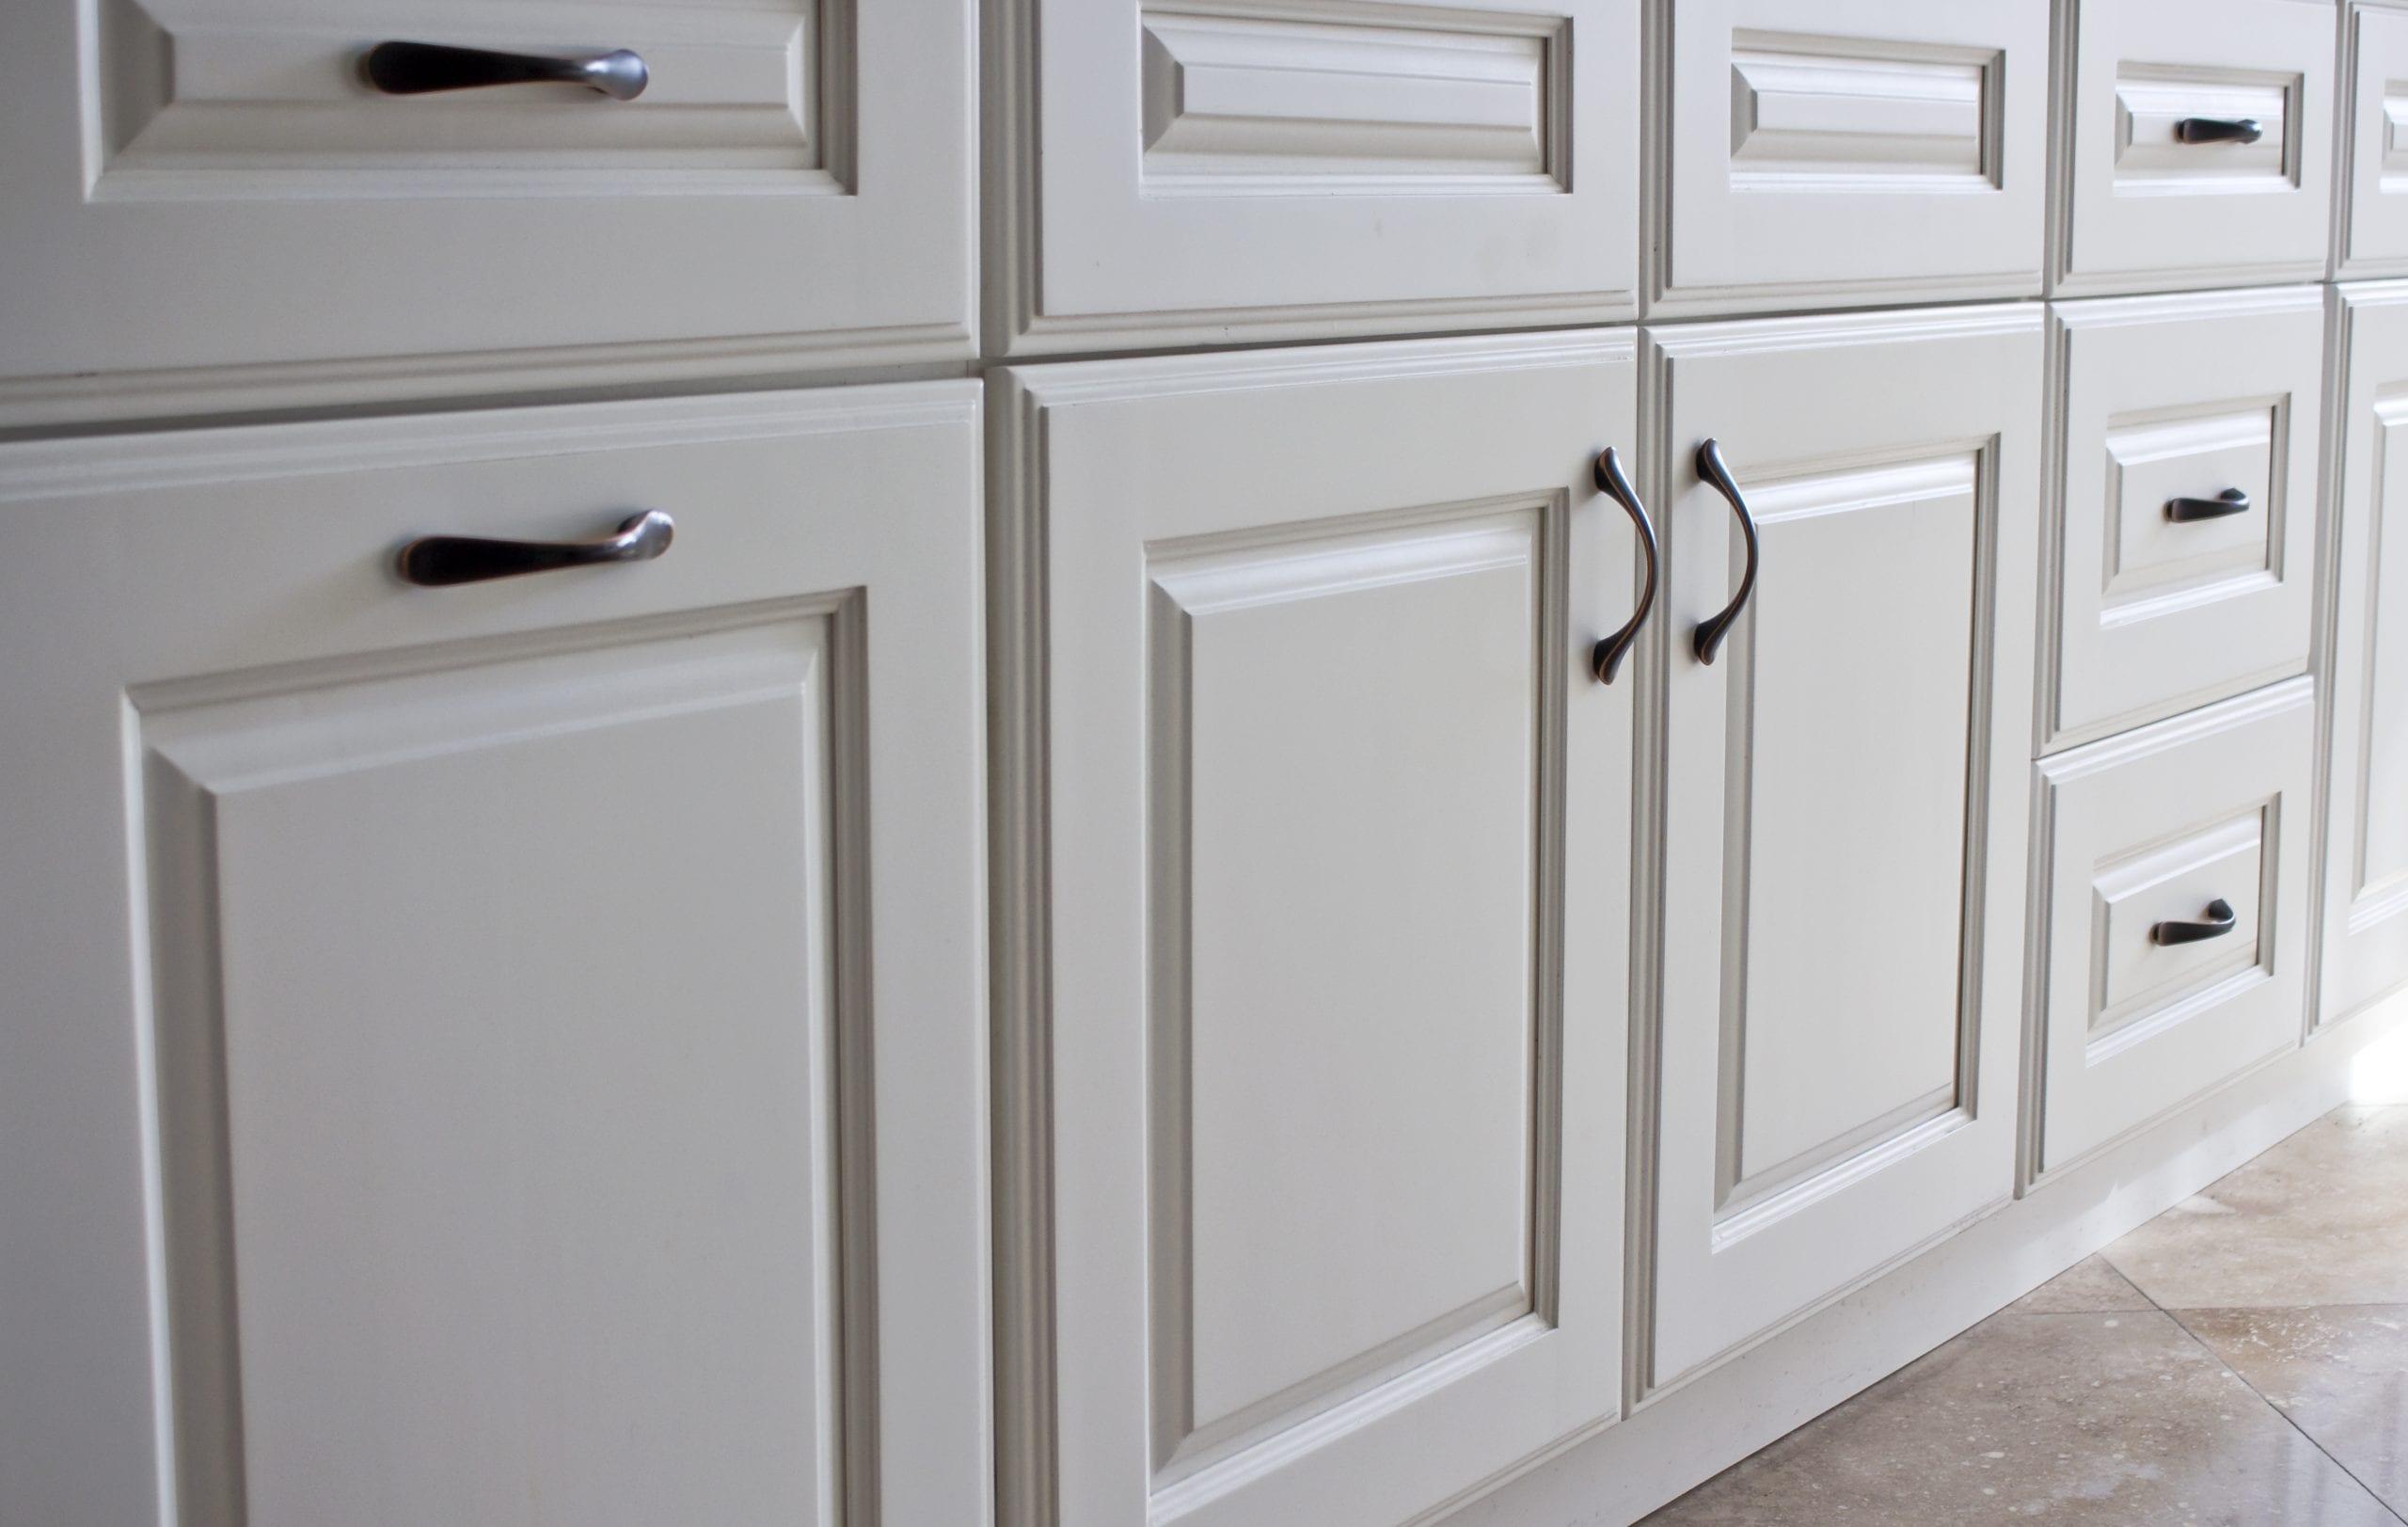 White kitchen cabinets with dark, brass fixtures.